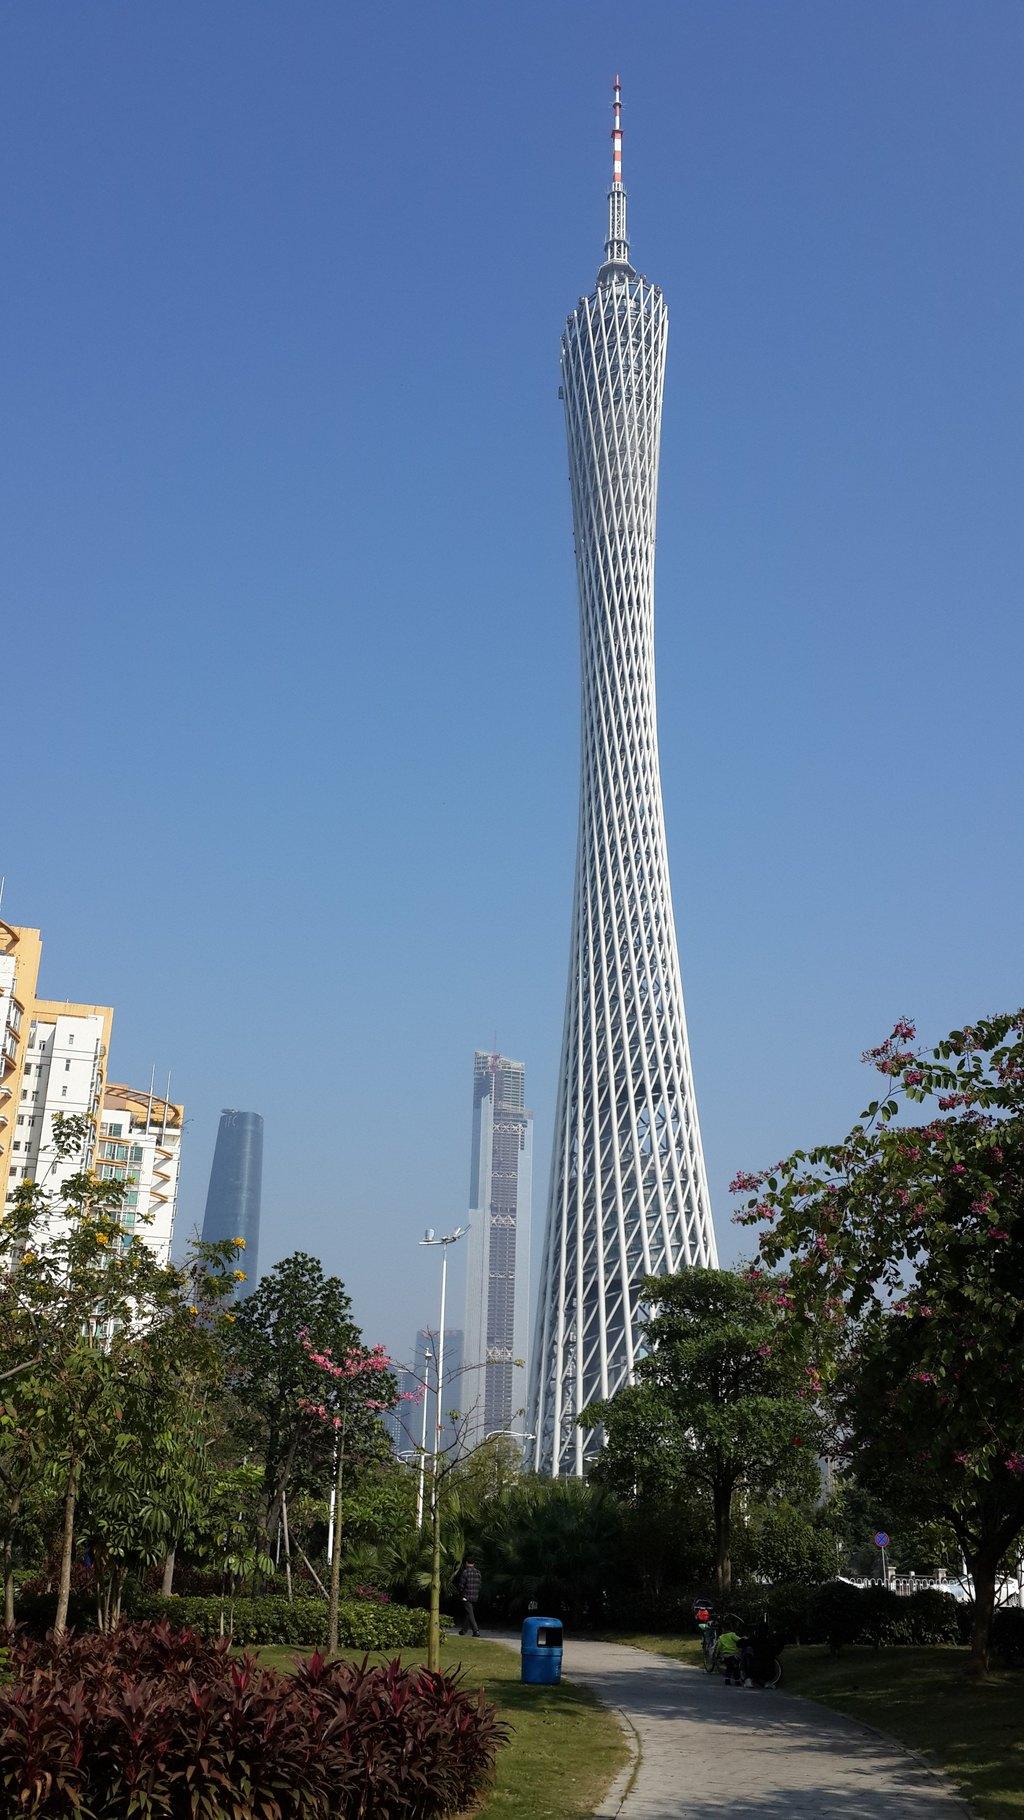 广州最美丽的城市标志物 - 广州塔(小蛮腰)